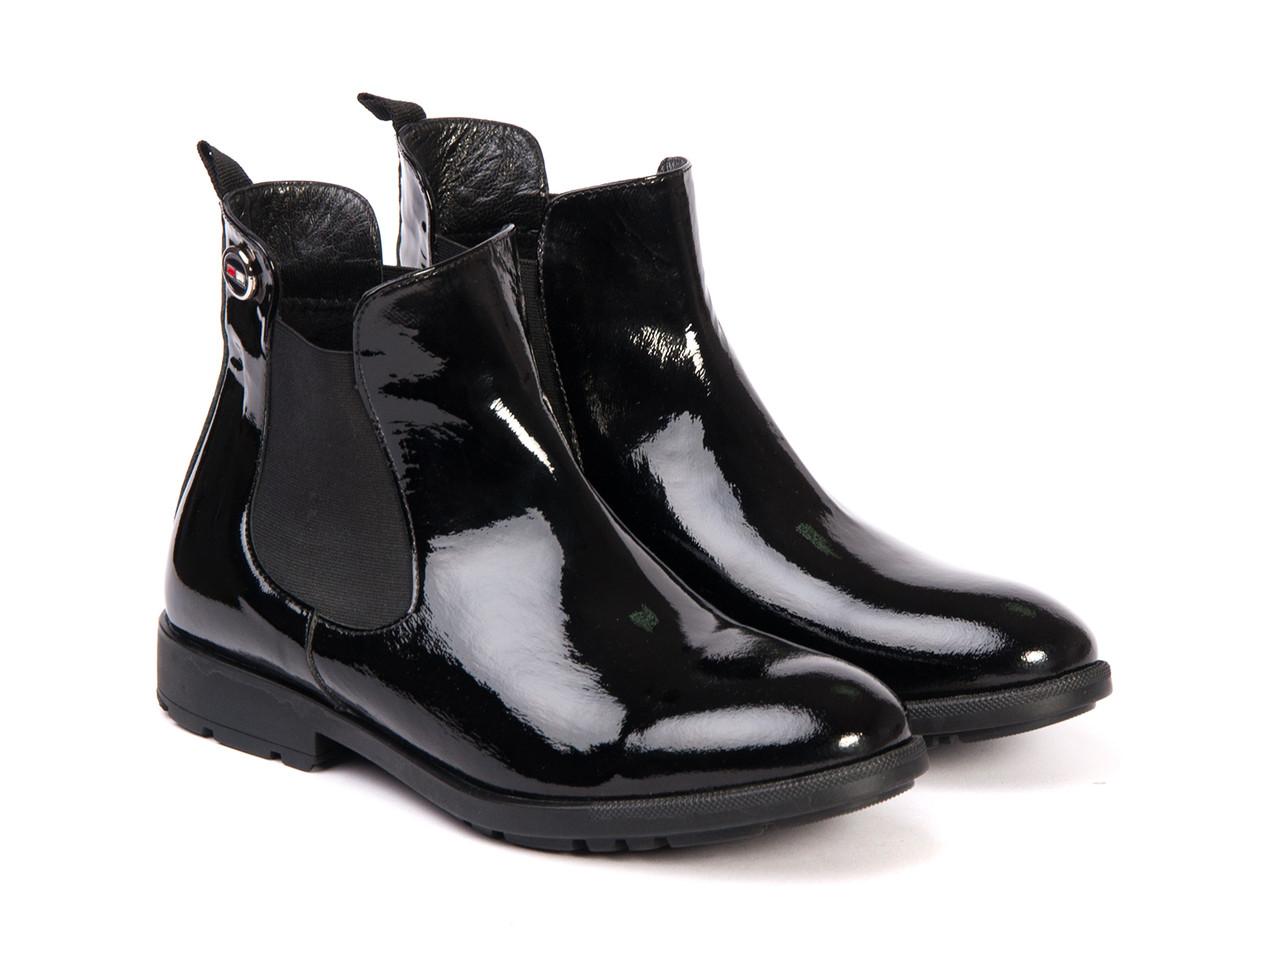 Ботинки Etor 4269-0-7134 черные, фото 1